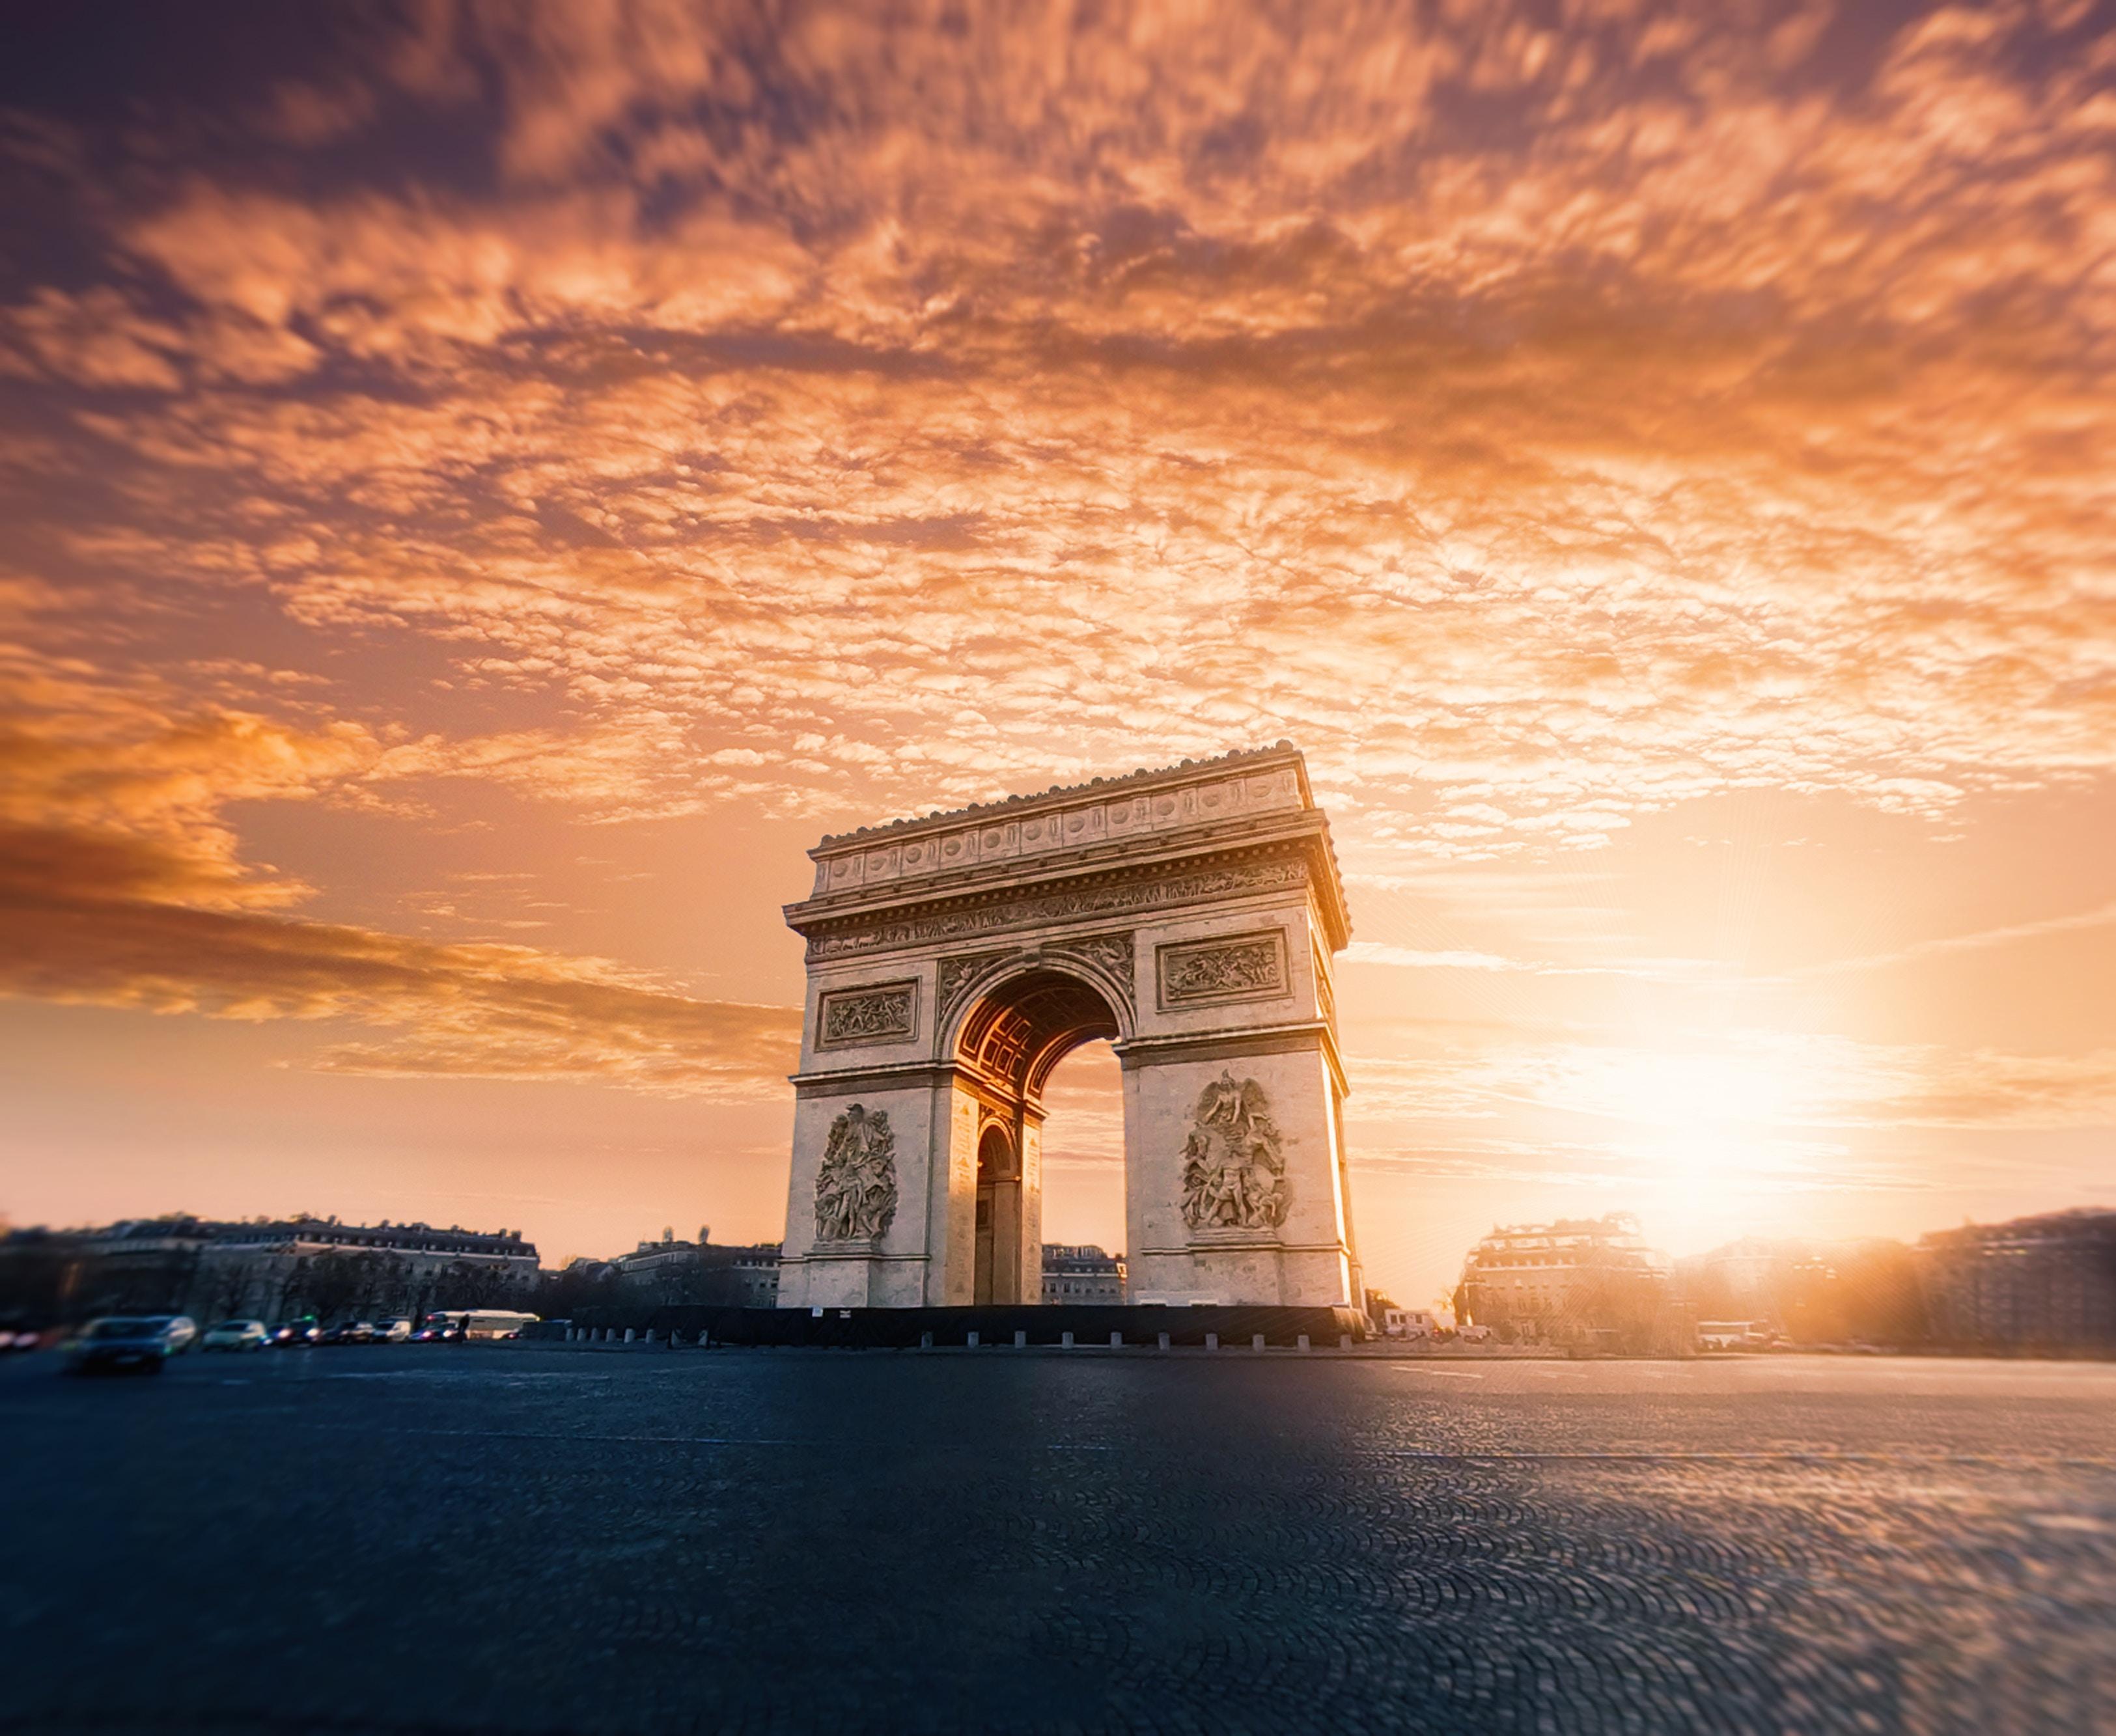 135817 Salvapantallas y fondos de pantalla Arquitectura en tu teléfono. Descarga imágenes de Arco Triunfal, Arco Del Triunfo, Nubes, París, Francia, Arquitectura, Ciudades gratis